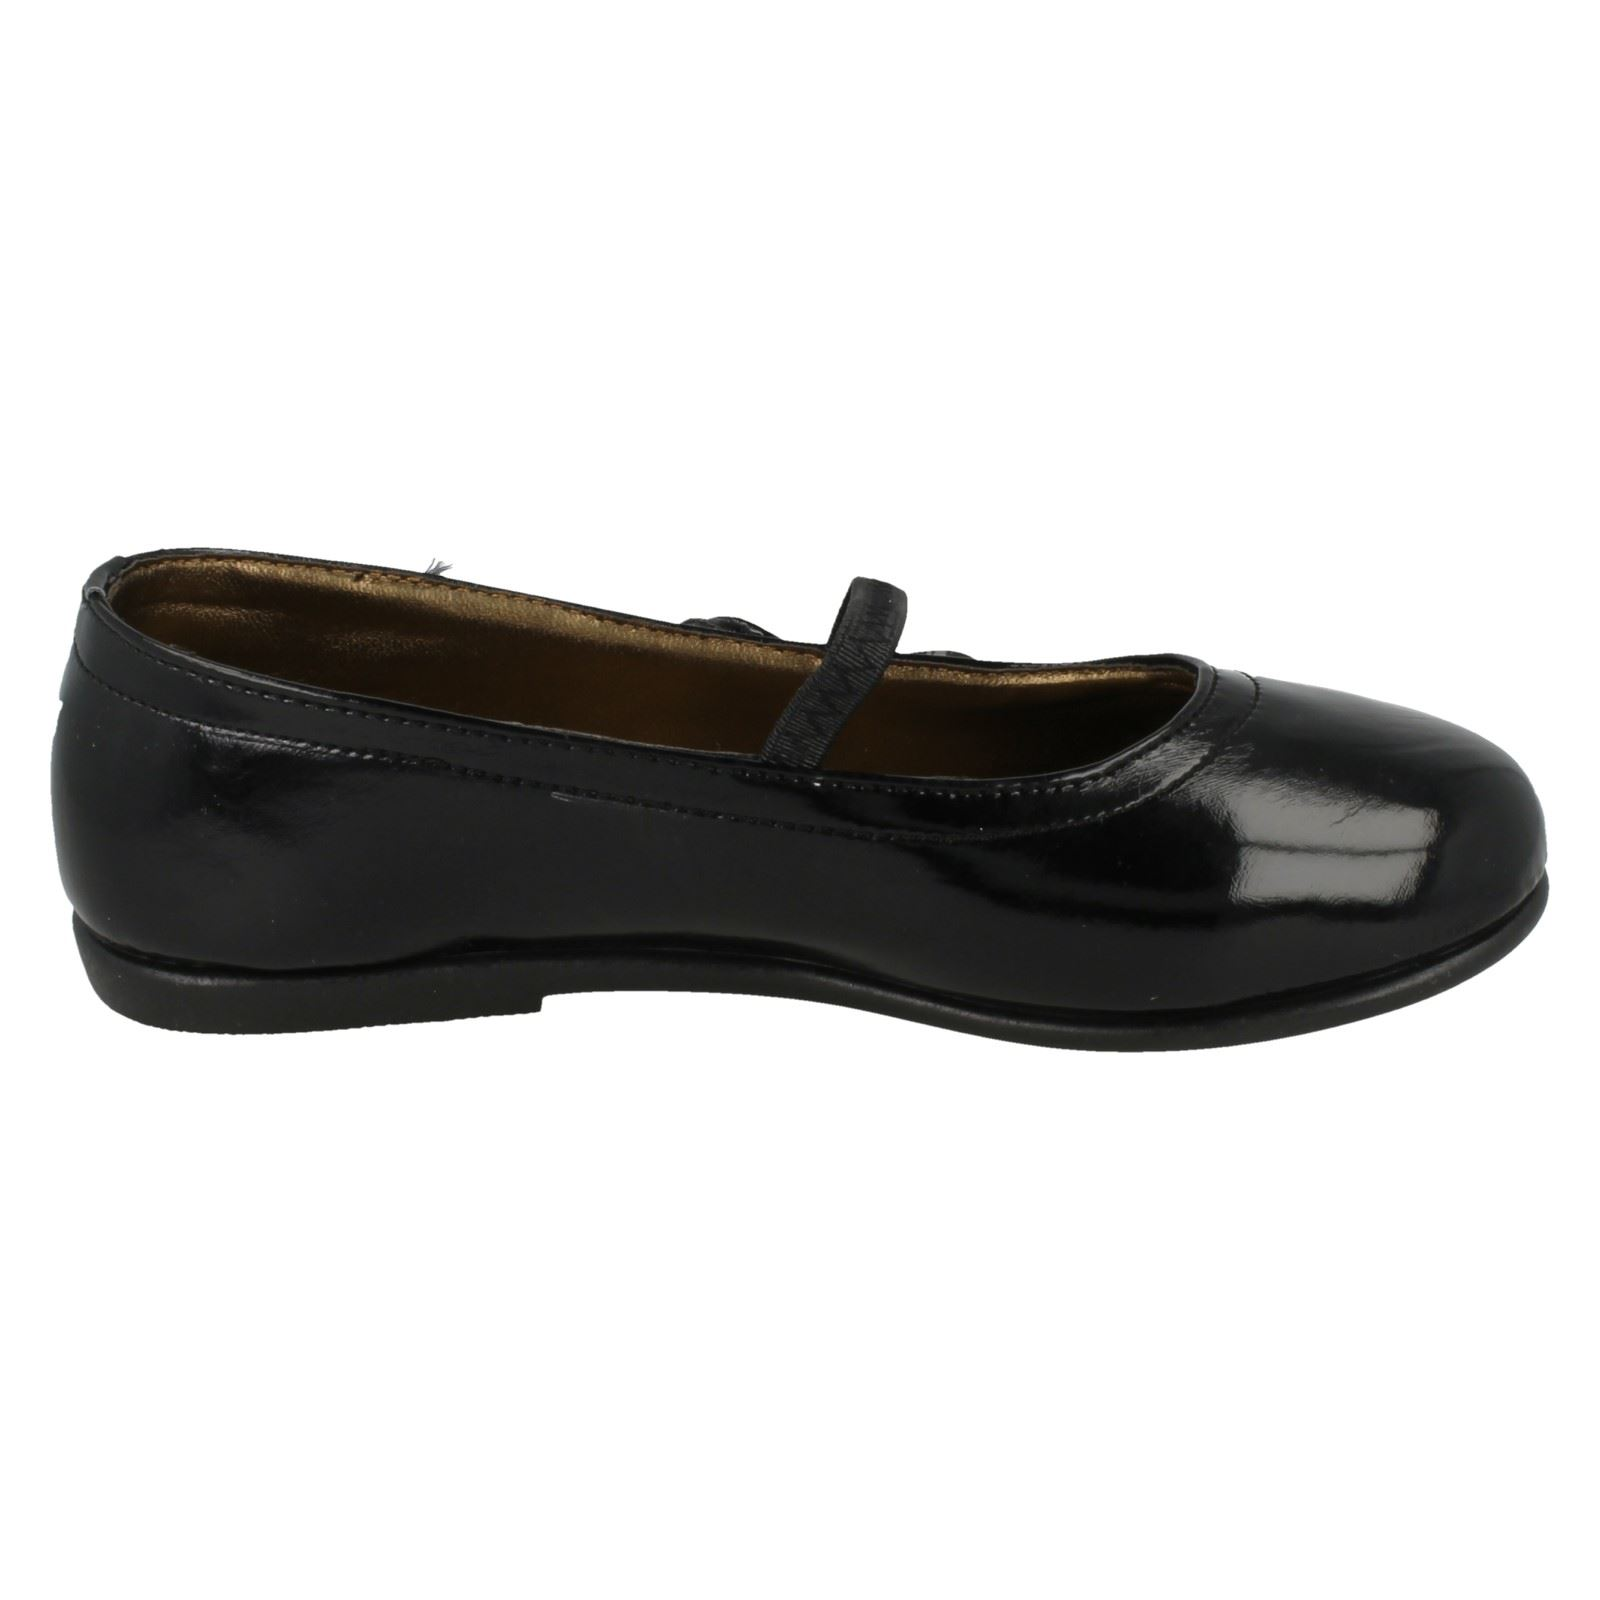 Zapatos de chicas Lugar en Sintético Escuela H2129 Etiqueta ~ K